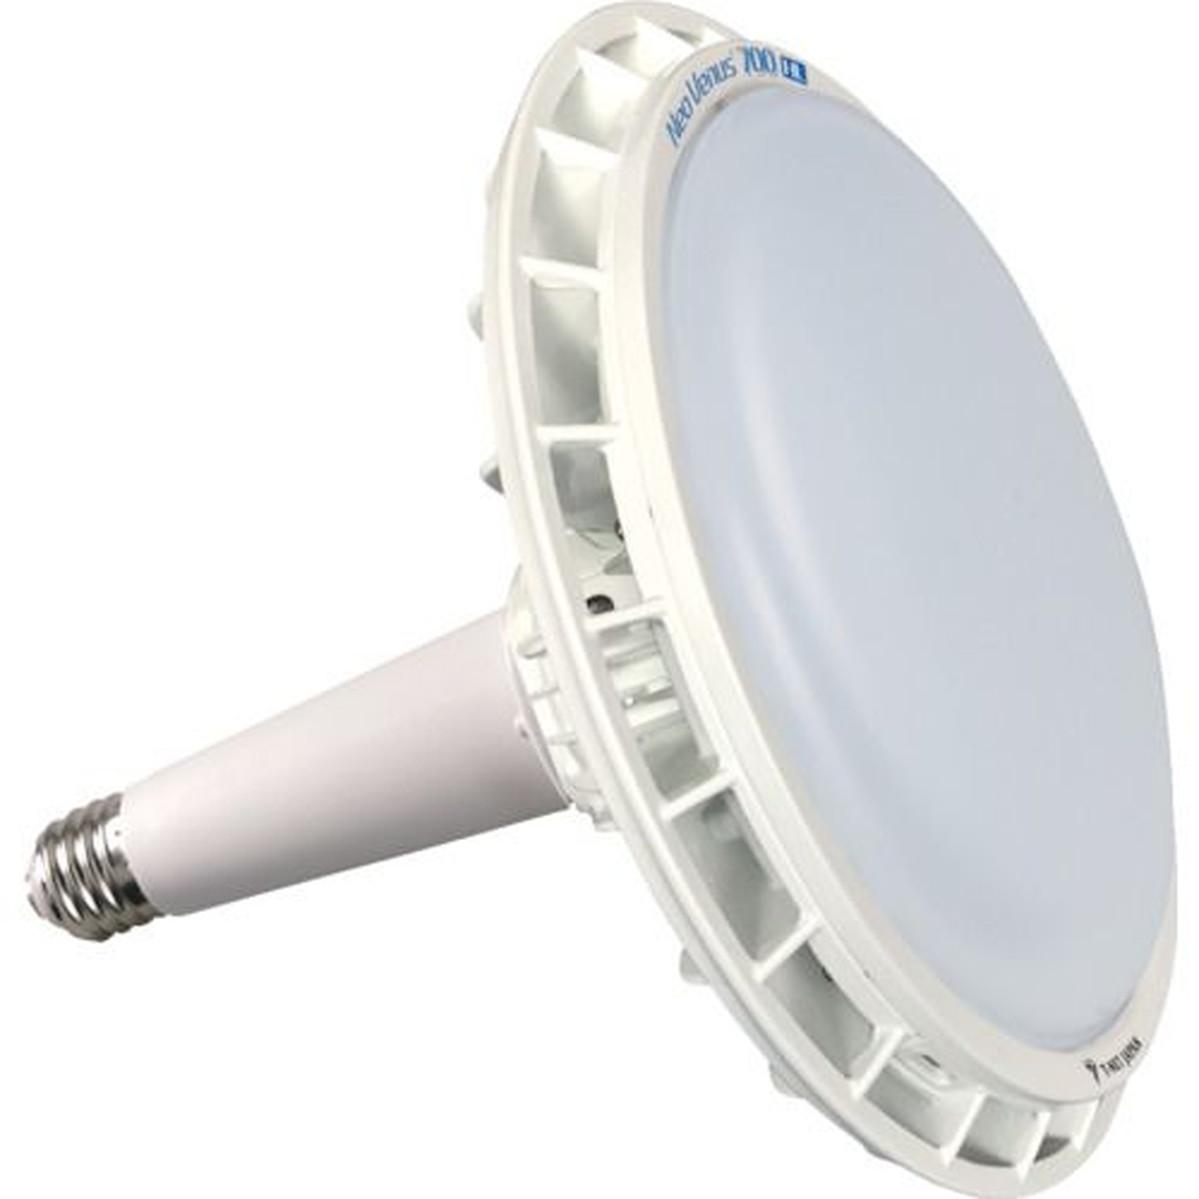 【名入れ無料】 T-NET NT700 ソケット型 レンズ可変 電源外付 HAGOROMO 昼白 1台, 野球用品 グランドスラム 53d11fce